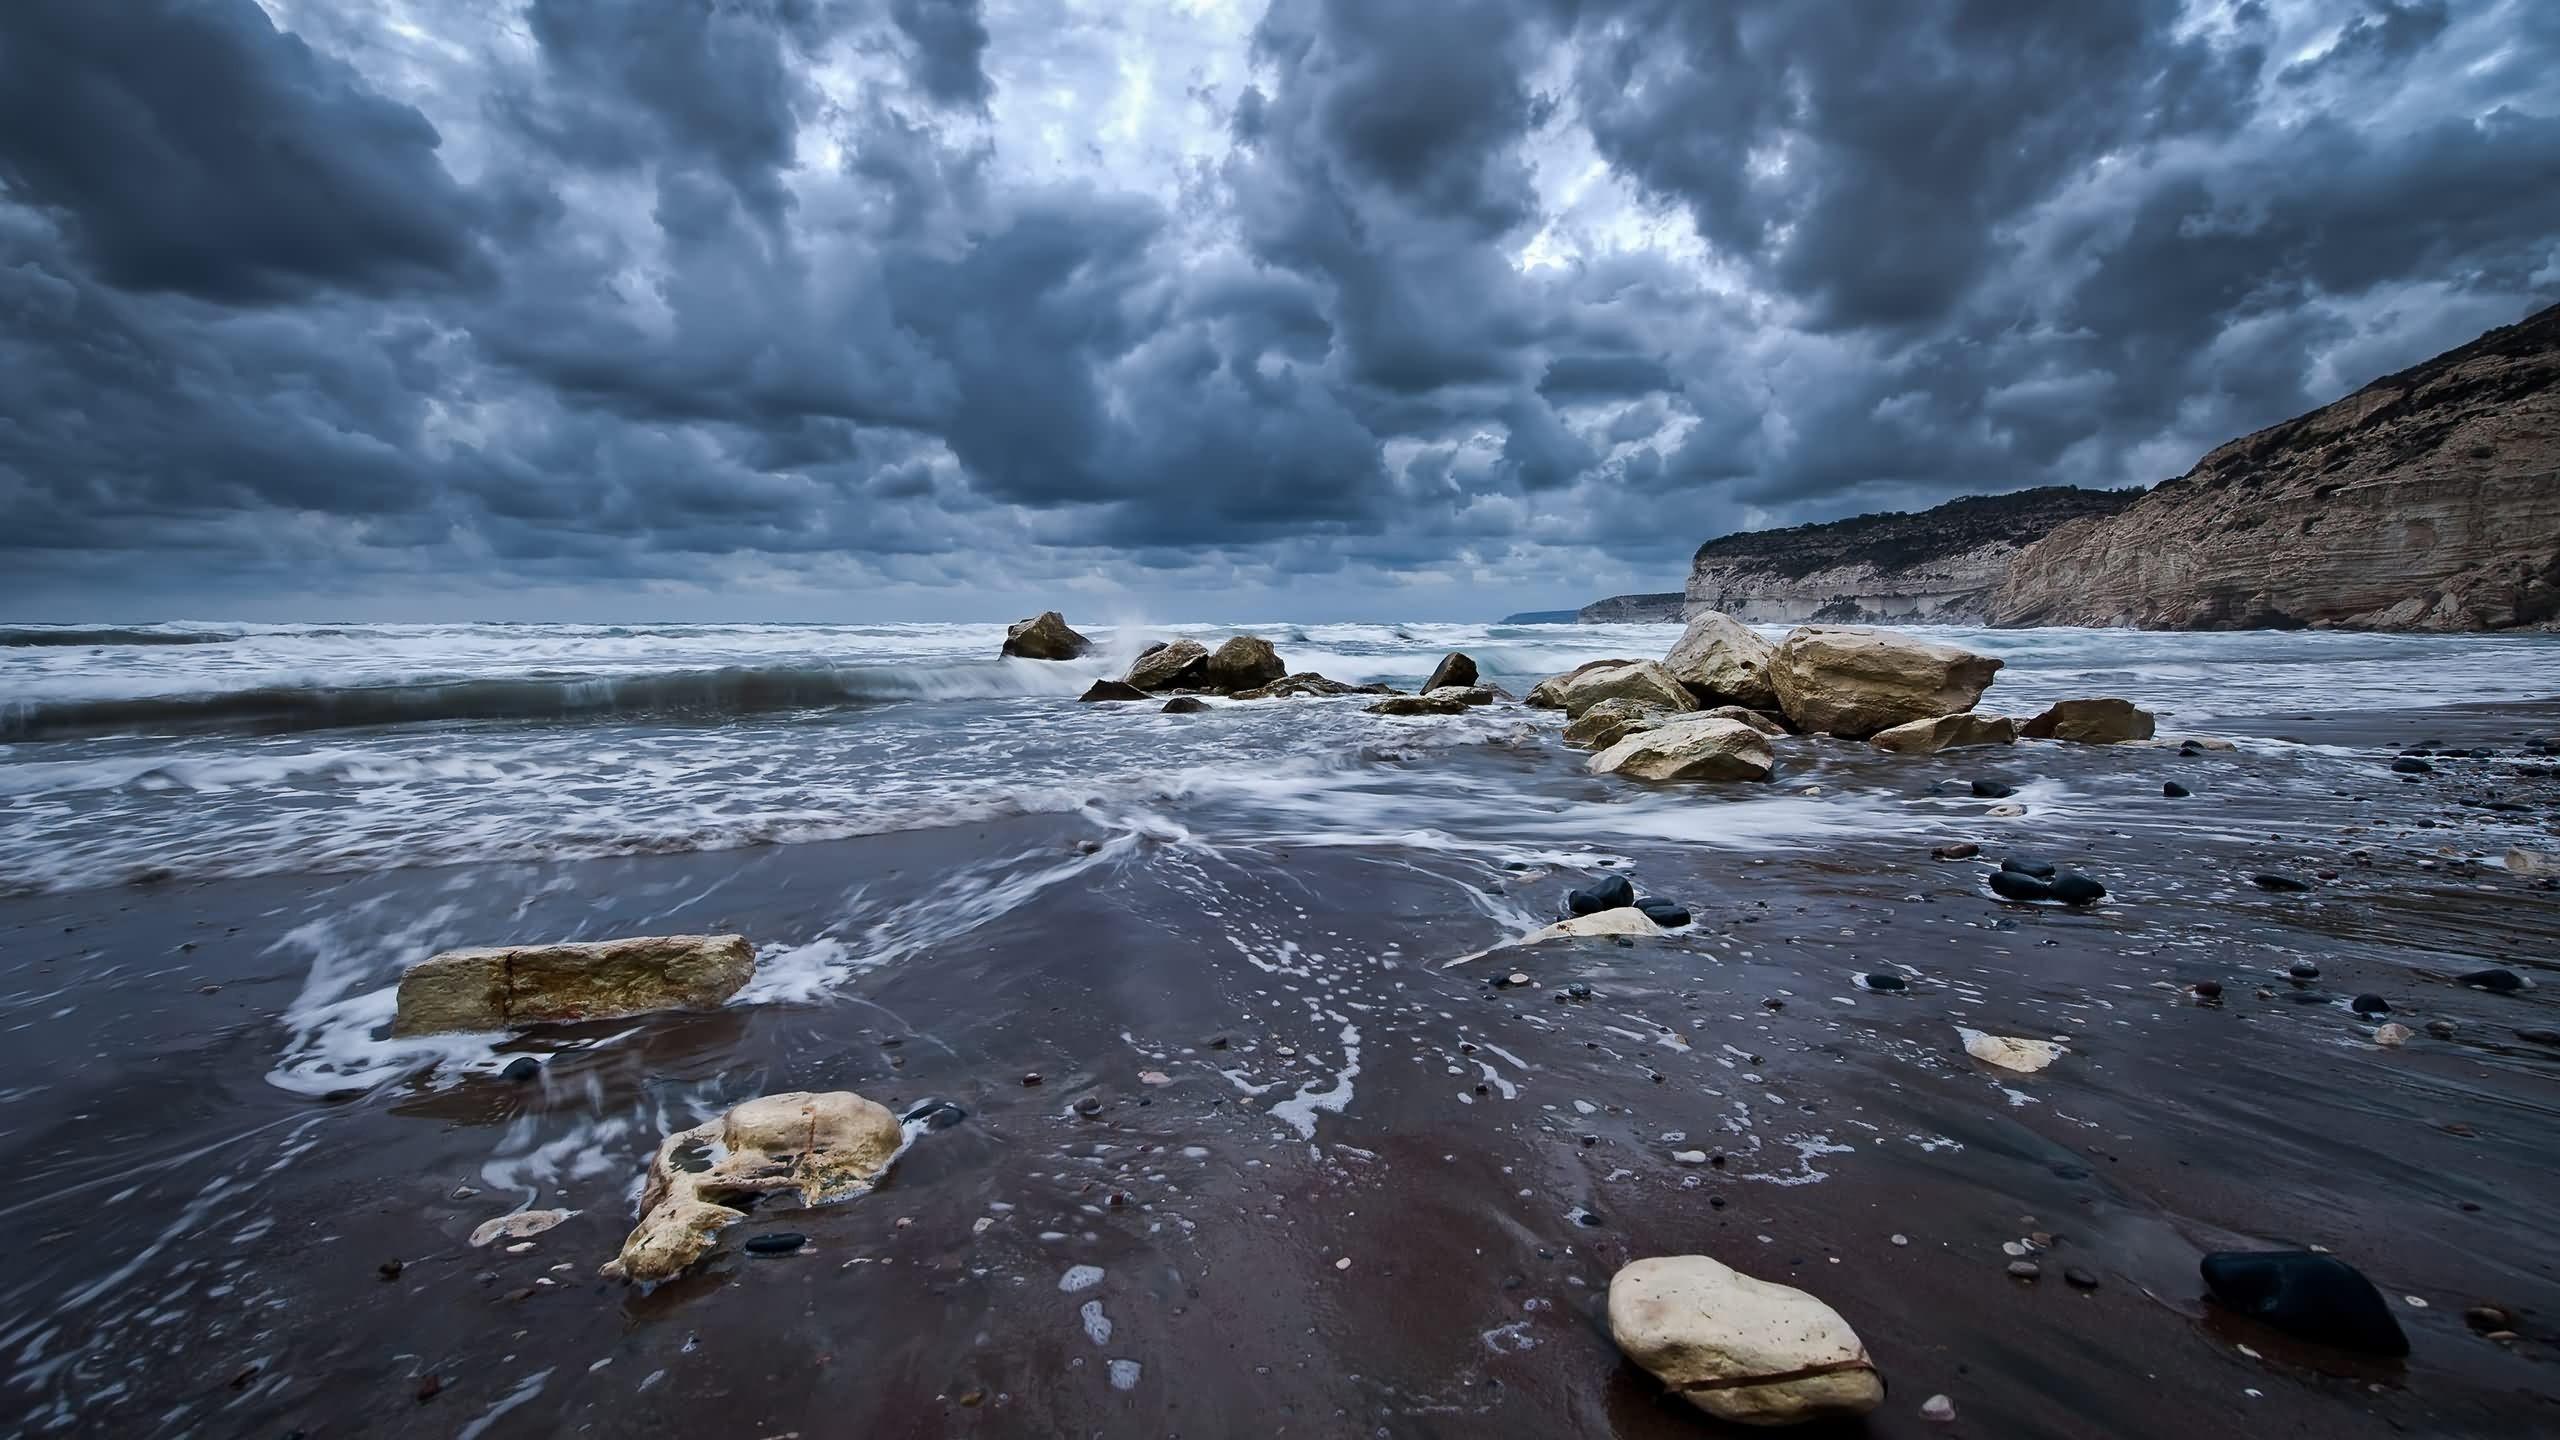 Storm Wallpapers 28 WallpapersExpert Journal 2560x1440